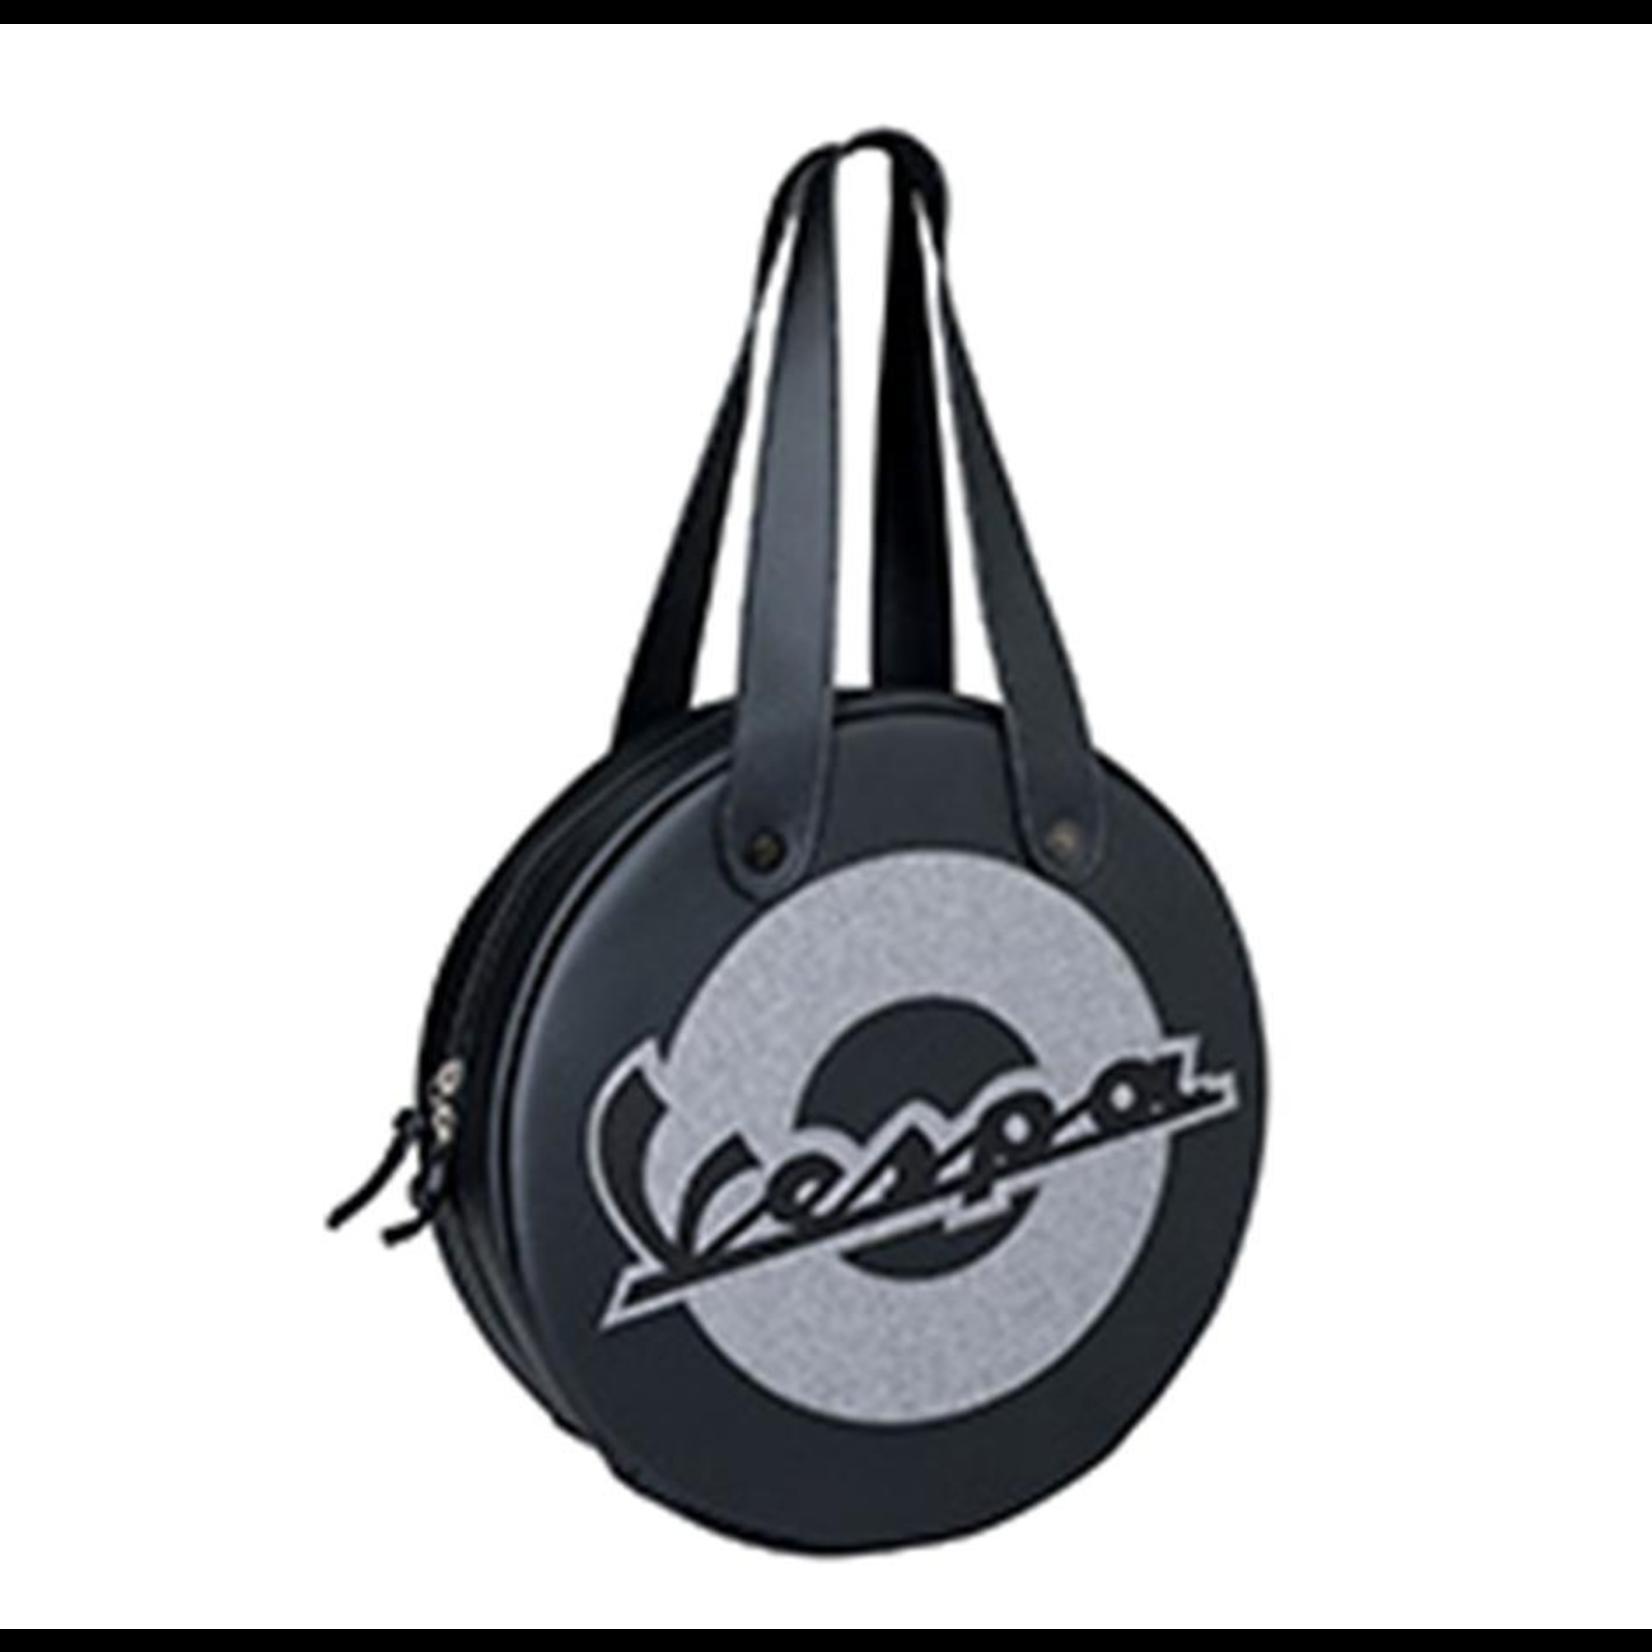 Lifestyle Shoulder Bag, Black Vespa Wheel Shape